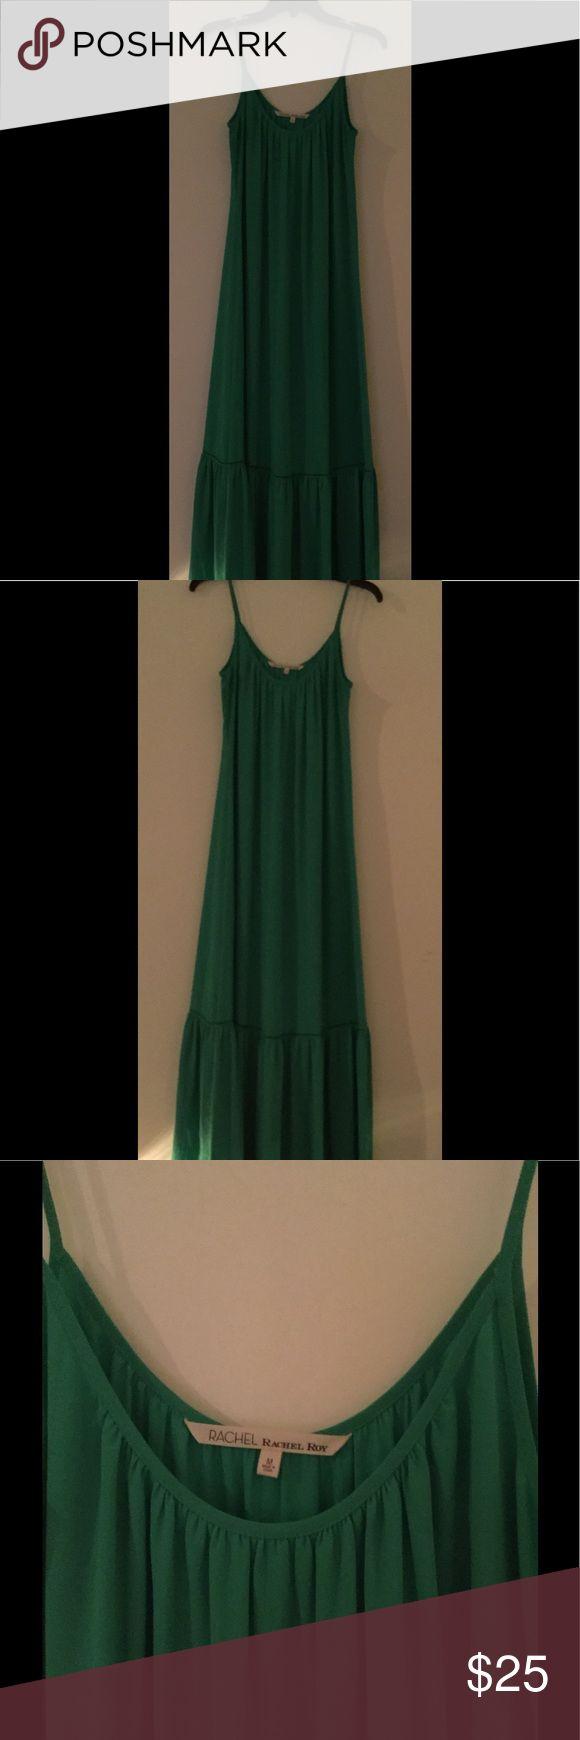 Rachel roy green maxi dress